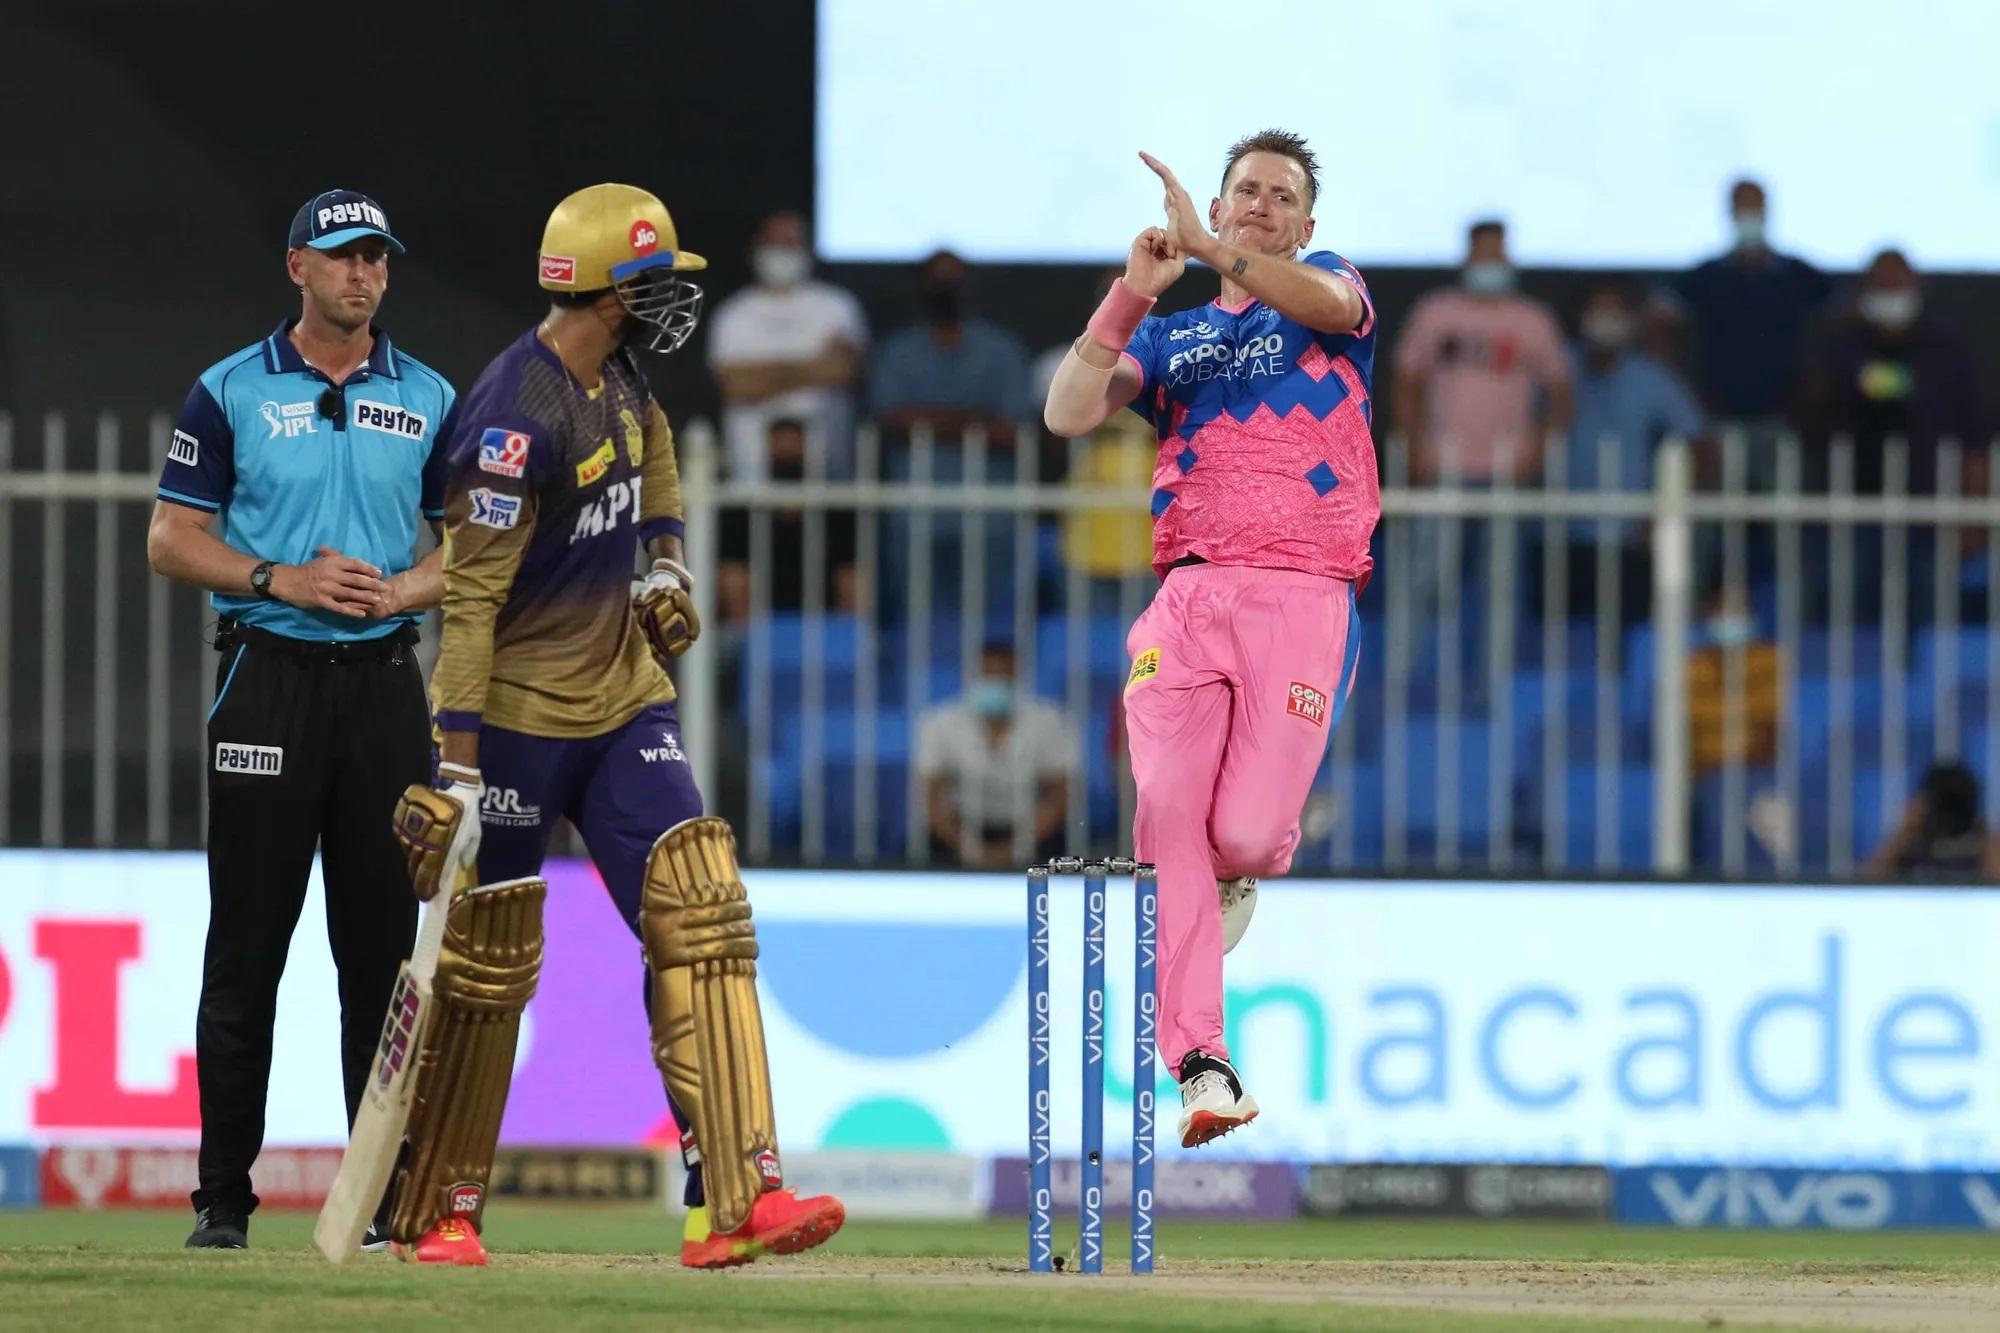 ये हैं IPL 2021 के सबसे महंगे खिलाड़ी क्रिस मॉरिस। इन्हें राजस्थान ने 16.25 करोड़ रुपए में खरीदा था, लेकिन इन्हें फेज 2 के सारे मैच में नहीं खिलाया। वैसे तो इनकी पहचान ऑल राउंडर की है, लेकिन इन्होंने राजस्थान के लिए एक भी ऑल राउंड परफॉर्मेंस नहीं दी।